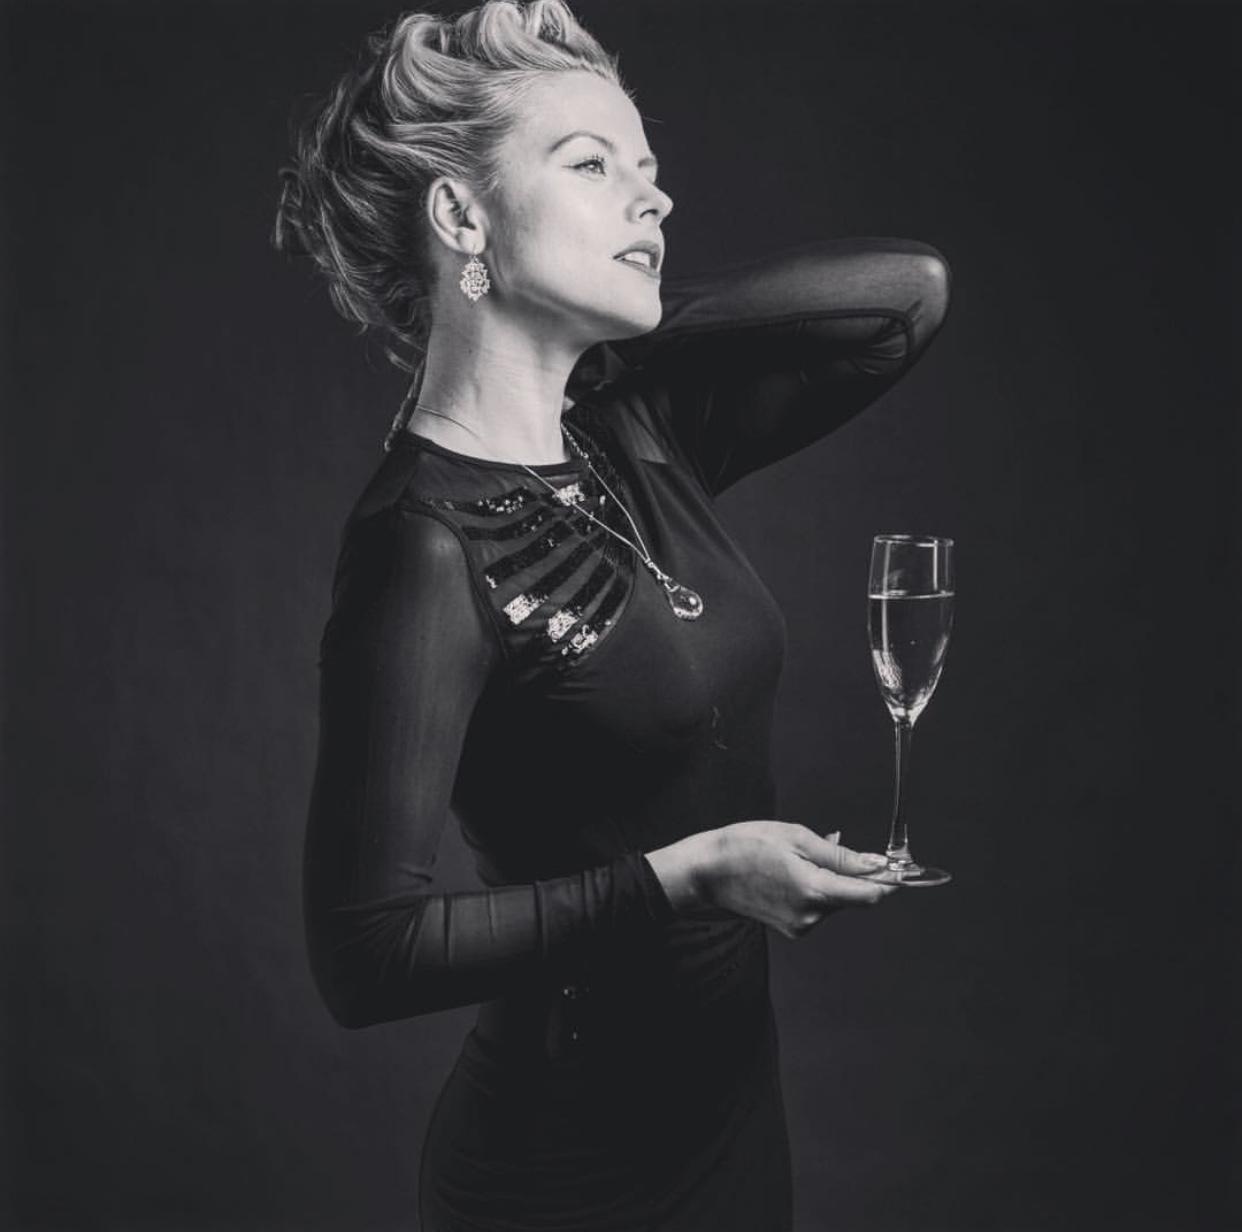 ビジュ・ドゥ・シャンパーニュ|「グットゥ・ドゥ・シャンパーニュ」ガラスジュエリー (シャンパーニュの雫)ペンダント|フランス製|アクセサリー